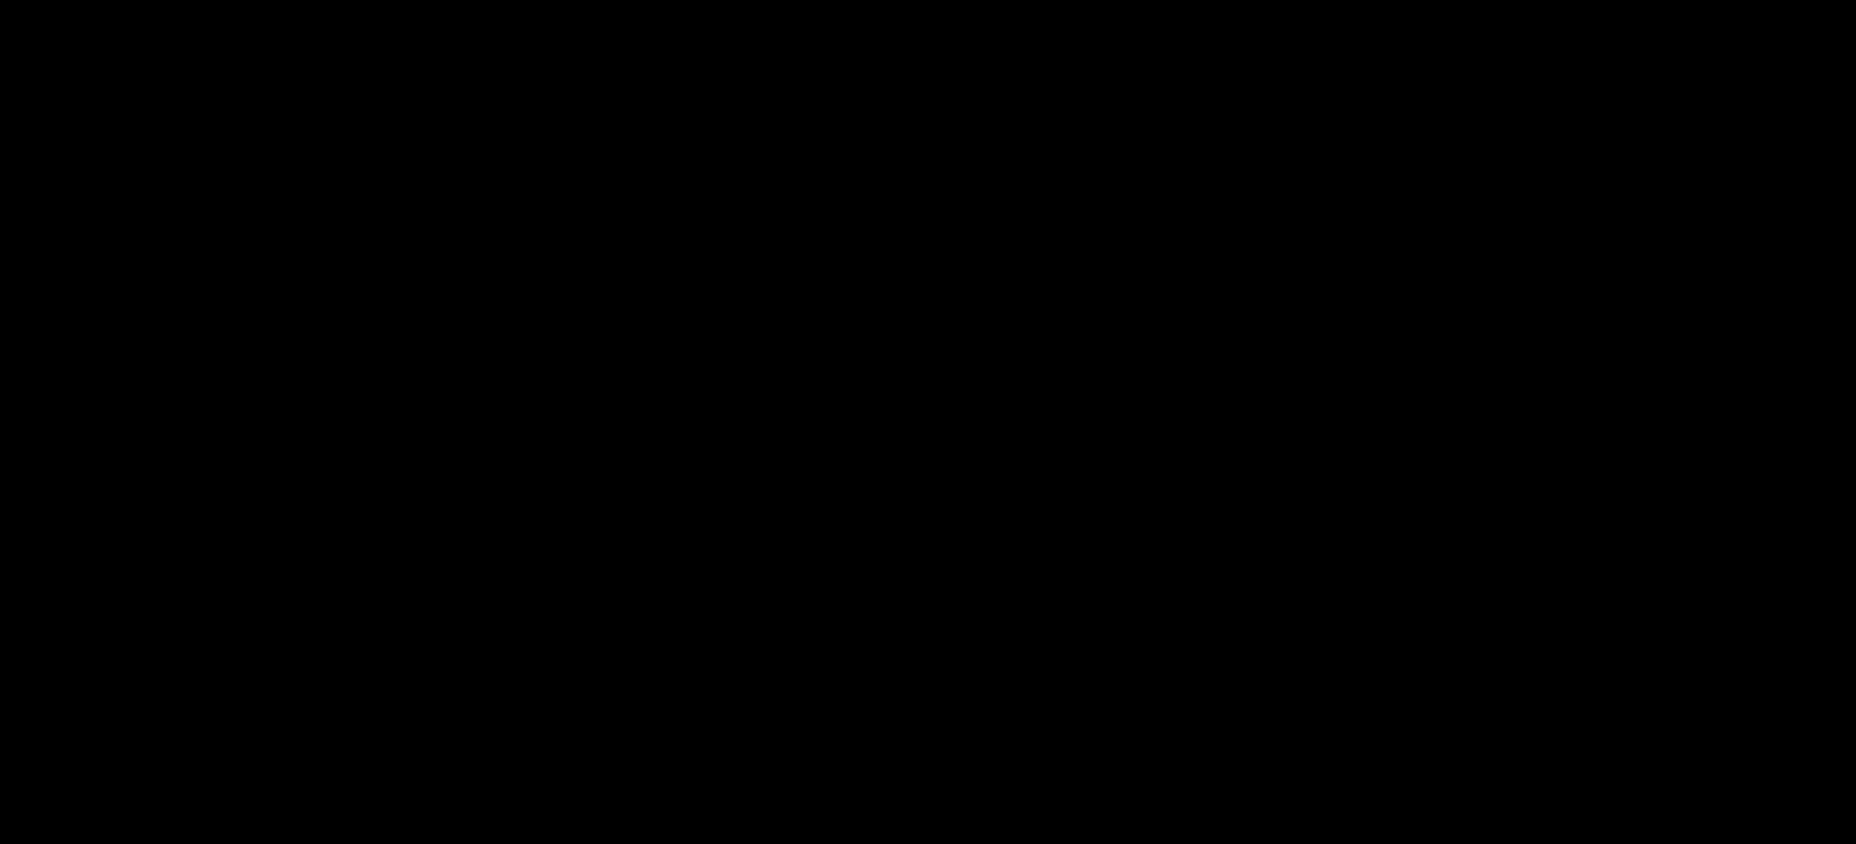 Kite partners